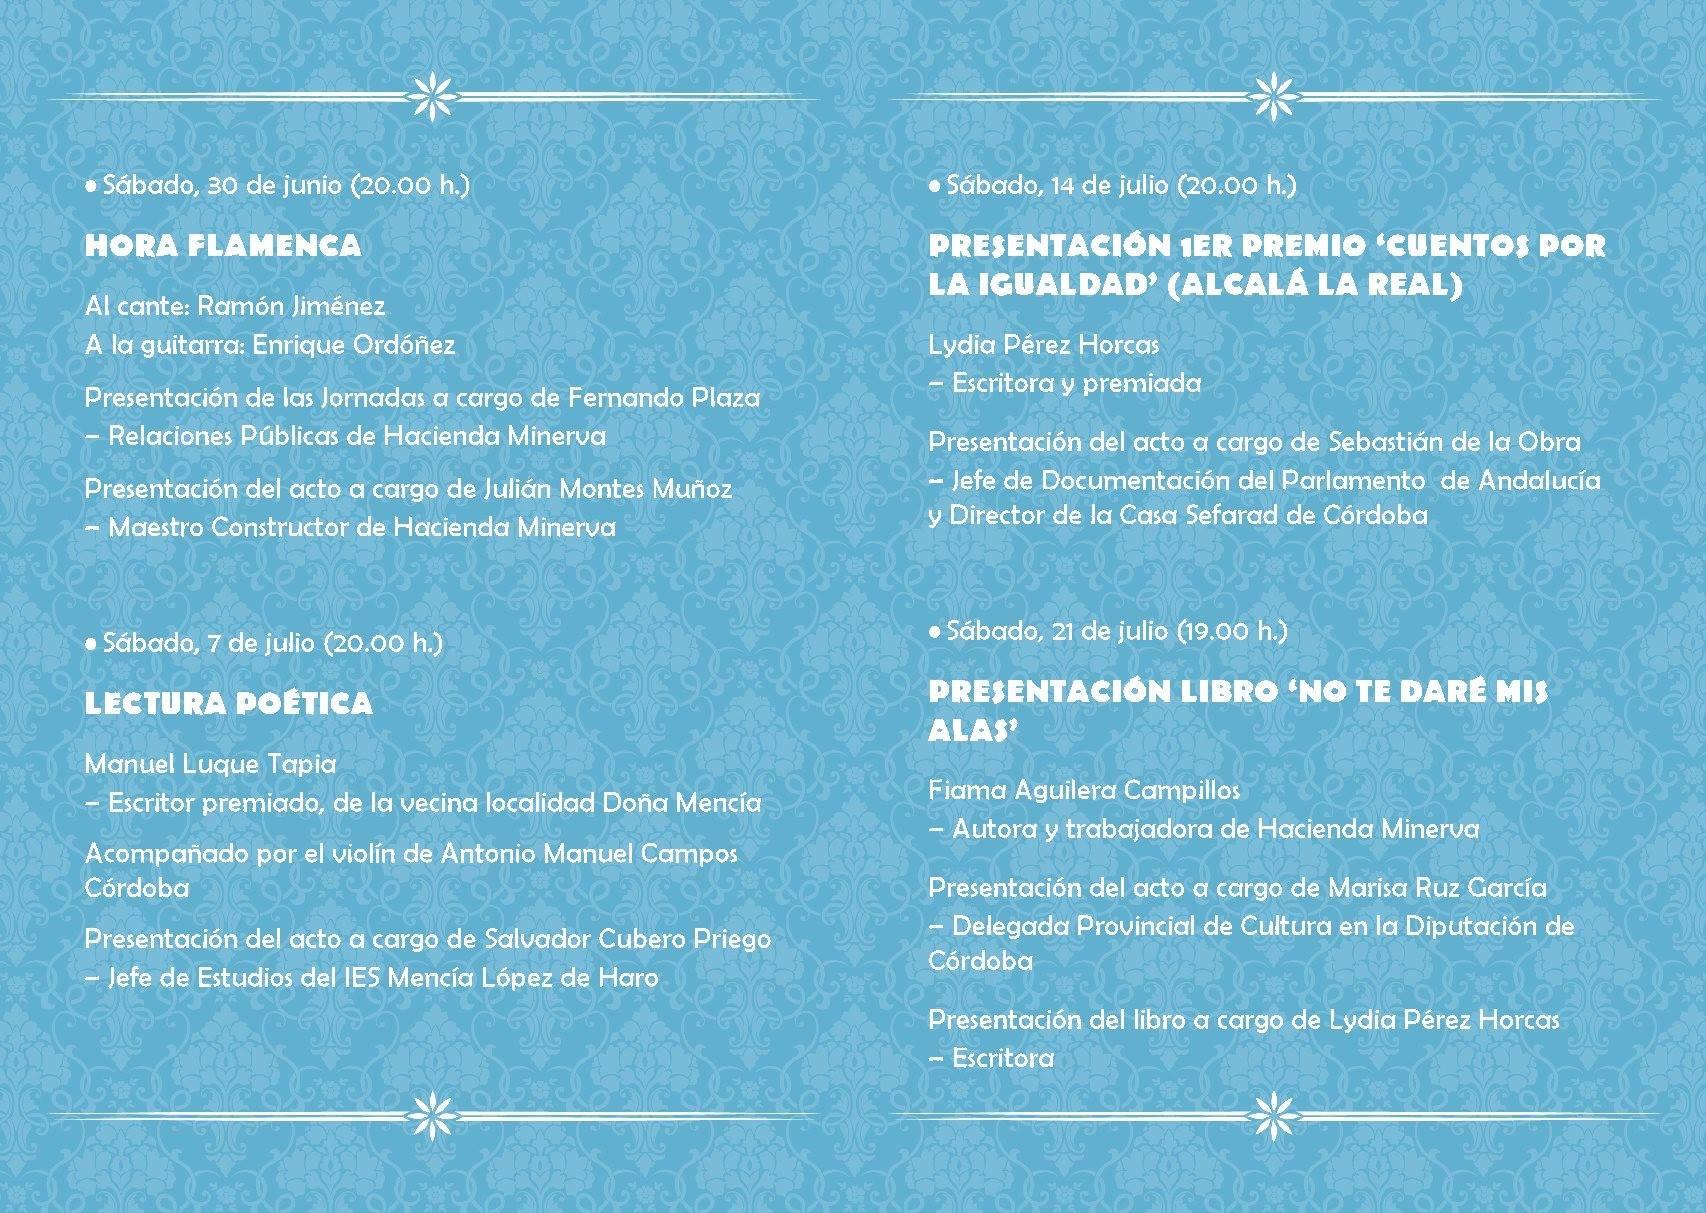 Programa del décimo aniversario de Hacienda Minerva